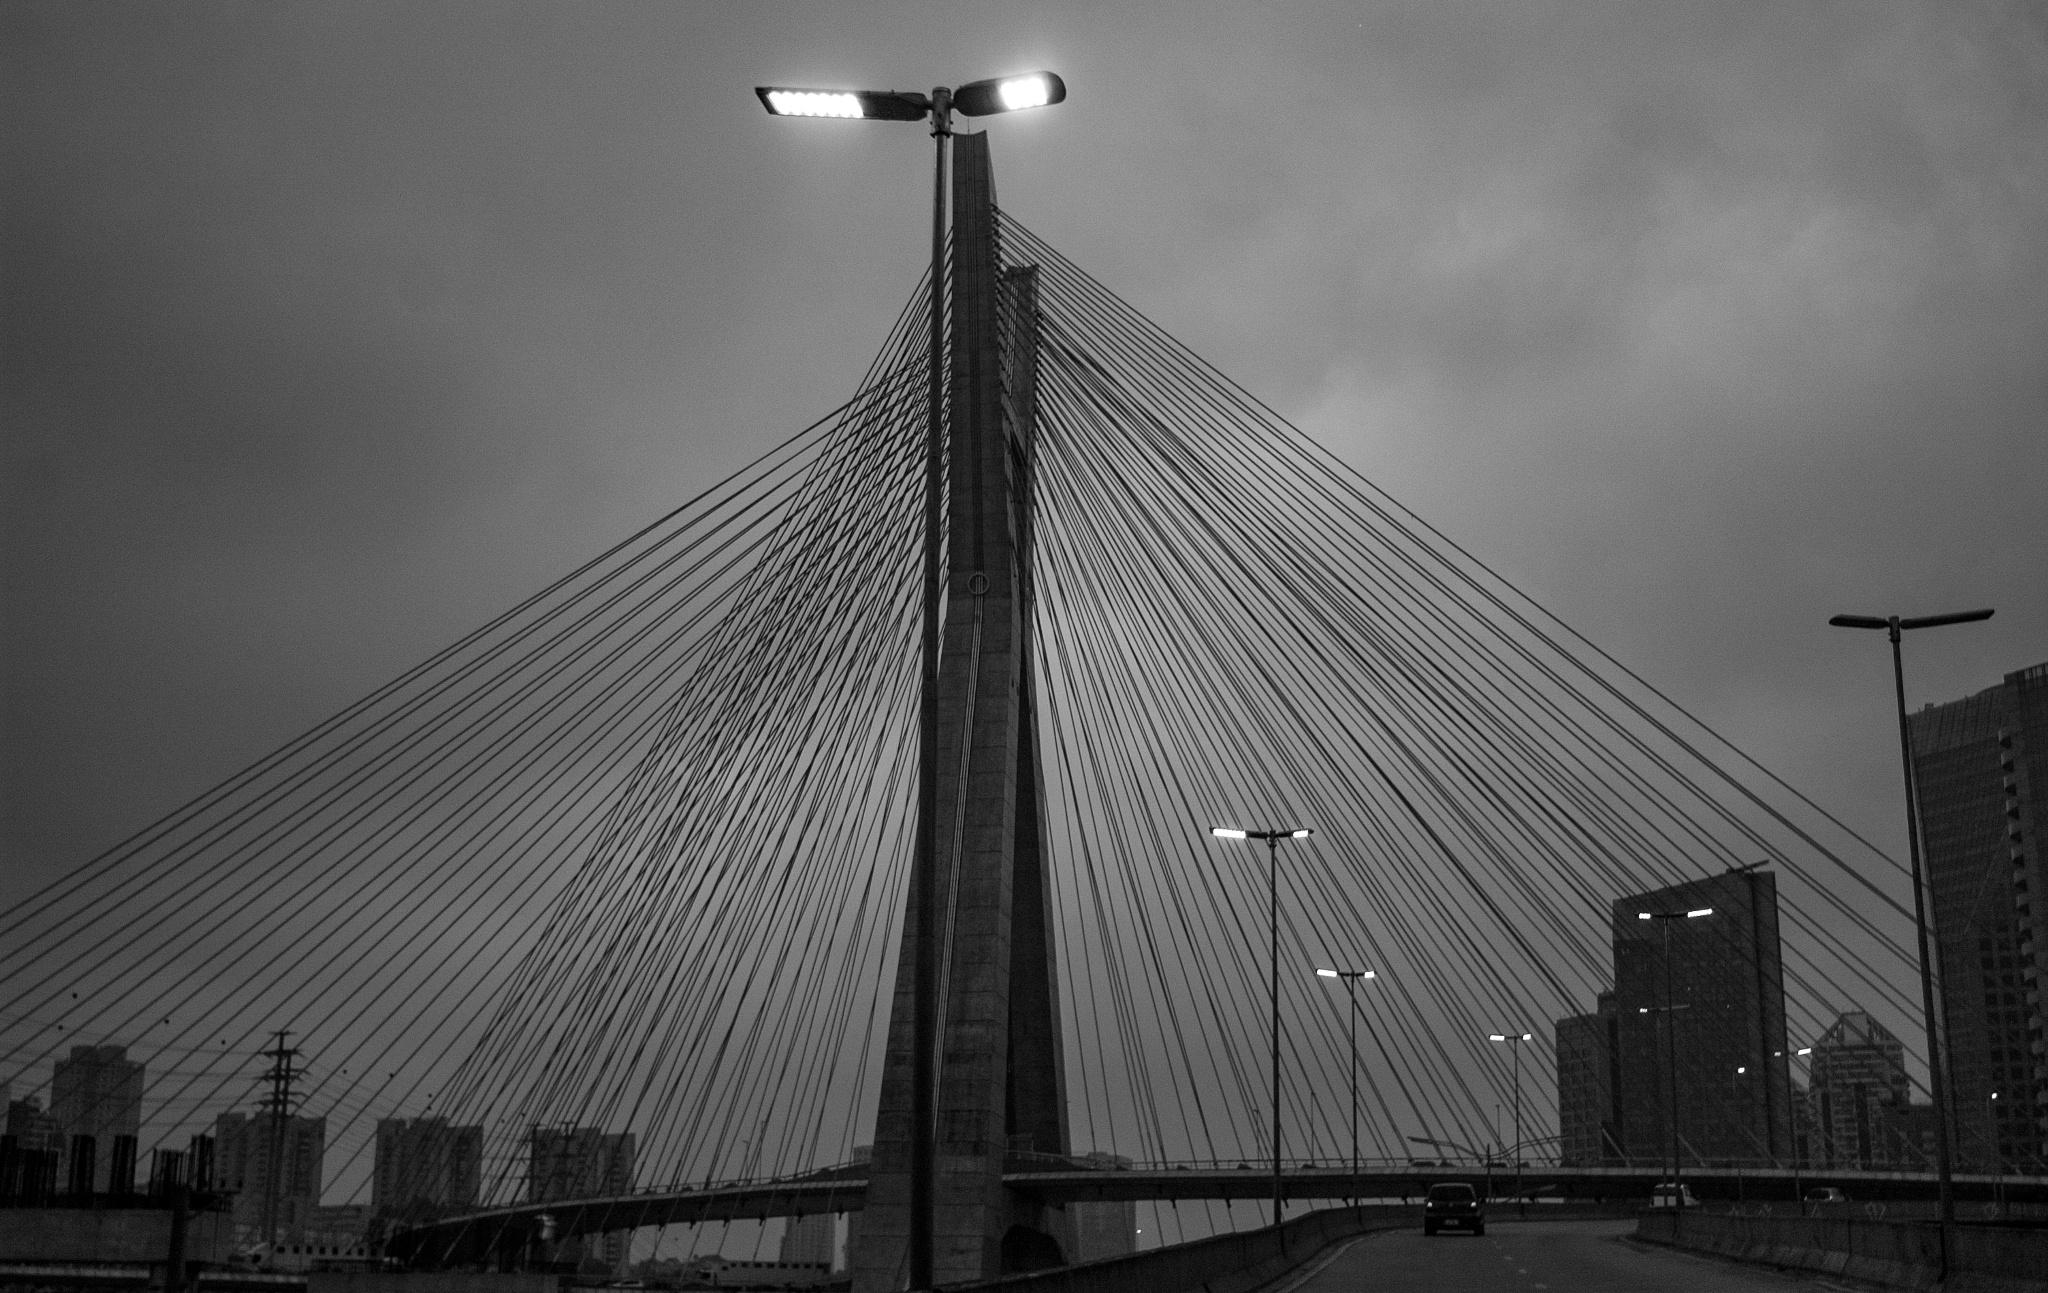 Ponte estaiada by Leonardo Paleari